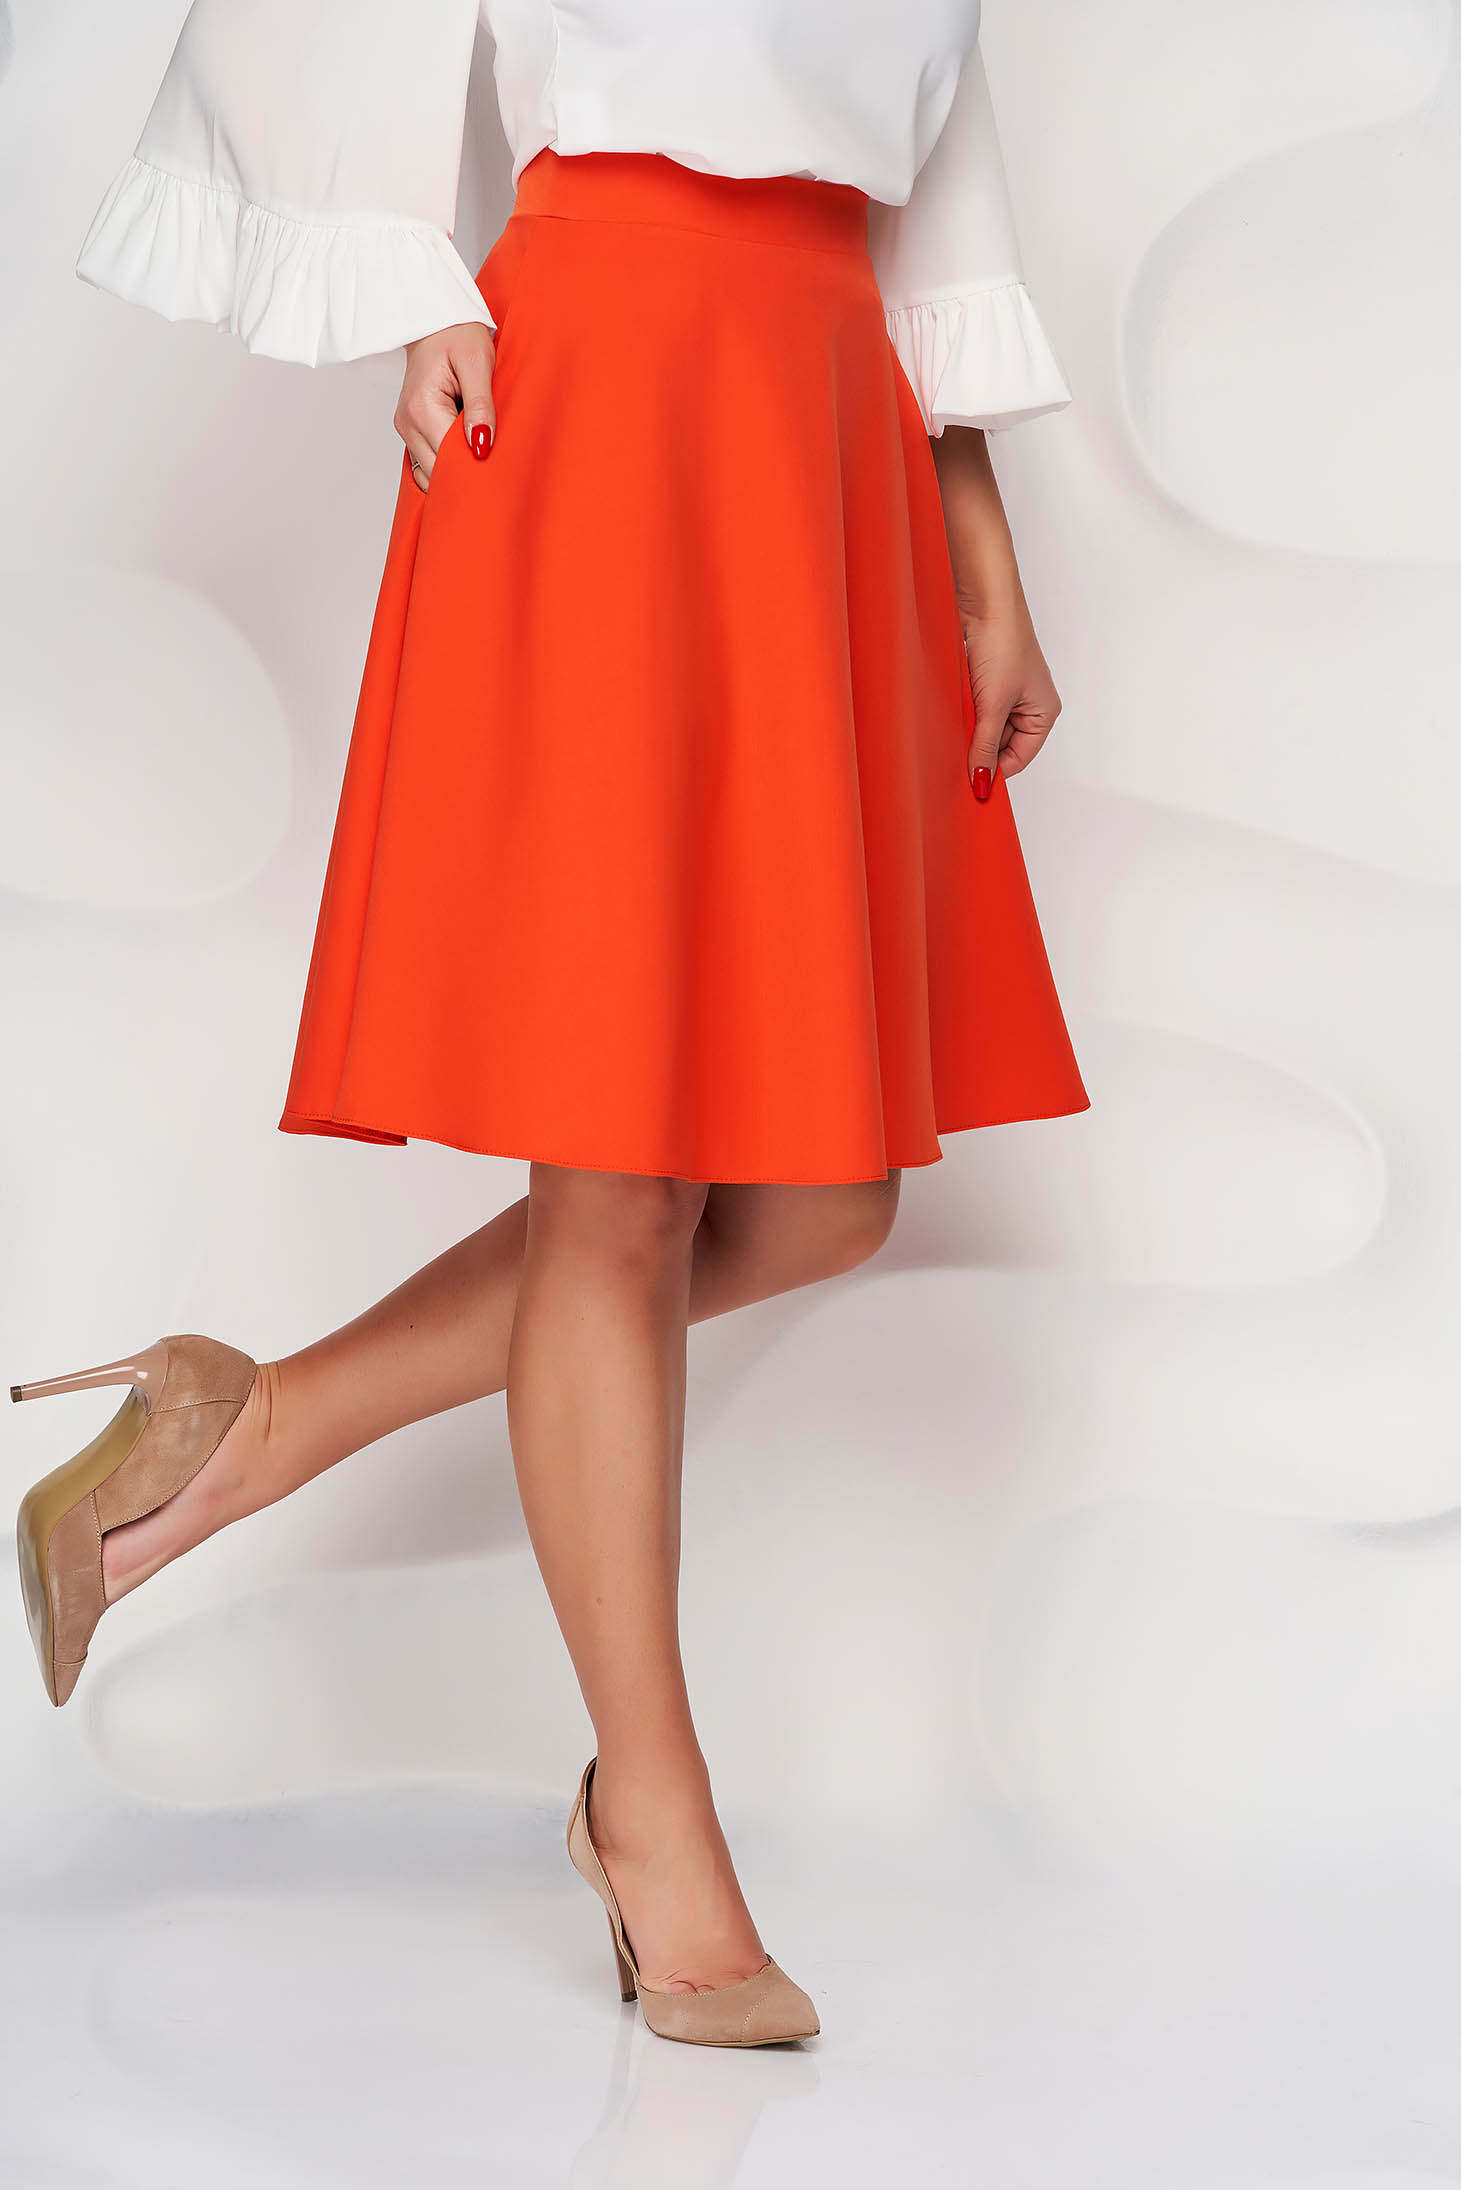 Narancssárga StarShinerS midi elegáns magas derekú harang szoknya zsebekkel és bélés nélkül